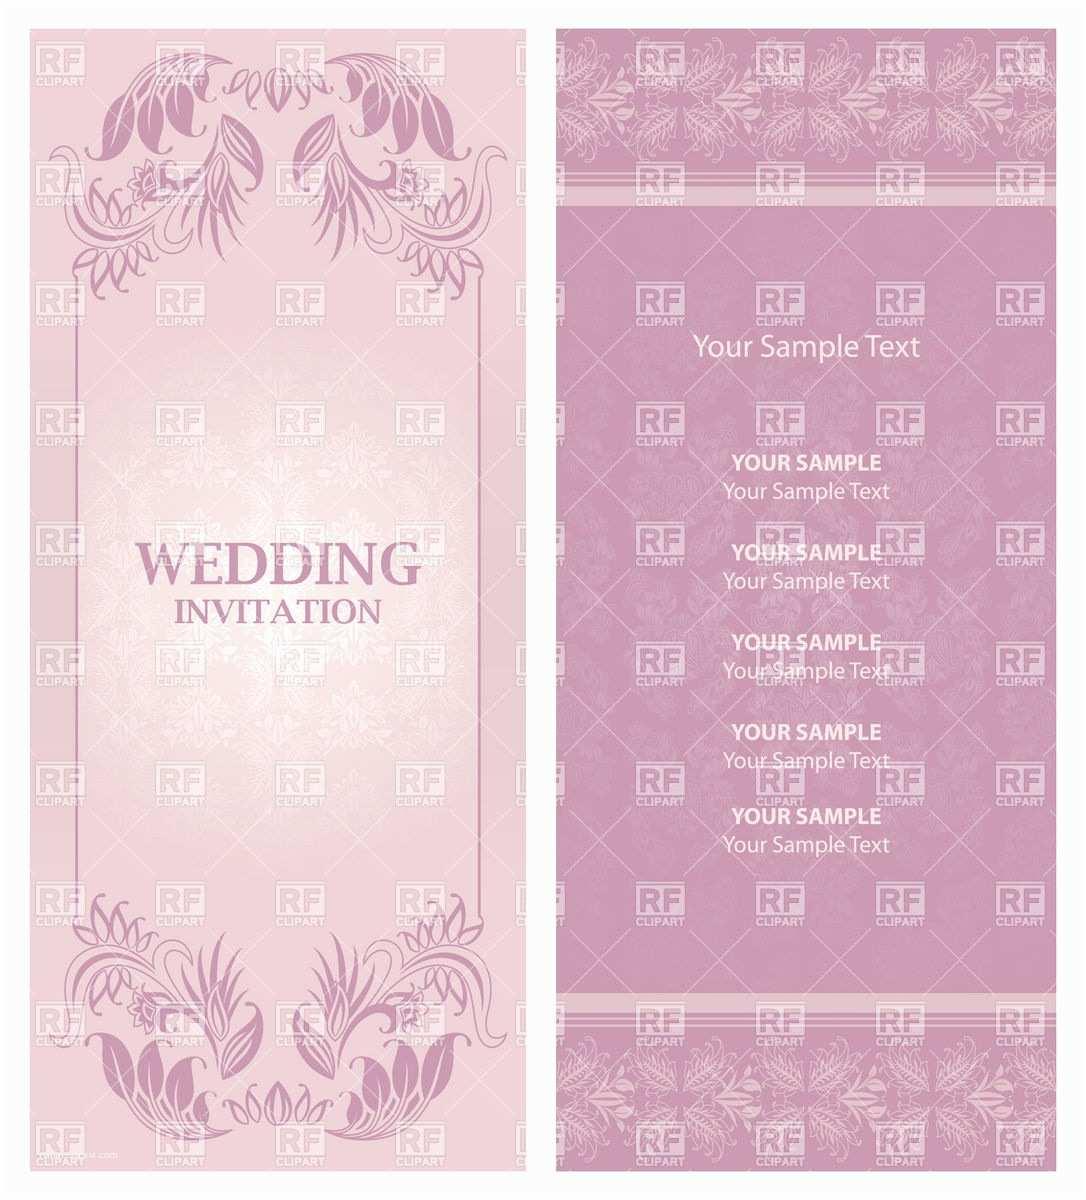 Wedding Invitation Free Download Ornate Violet Wedding Invitation Template Vector